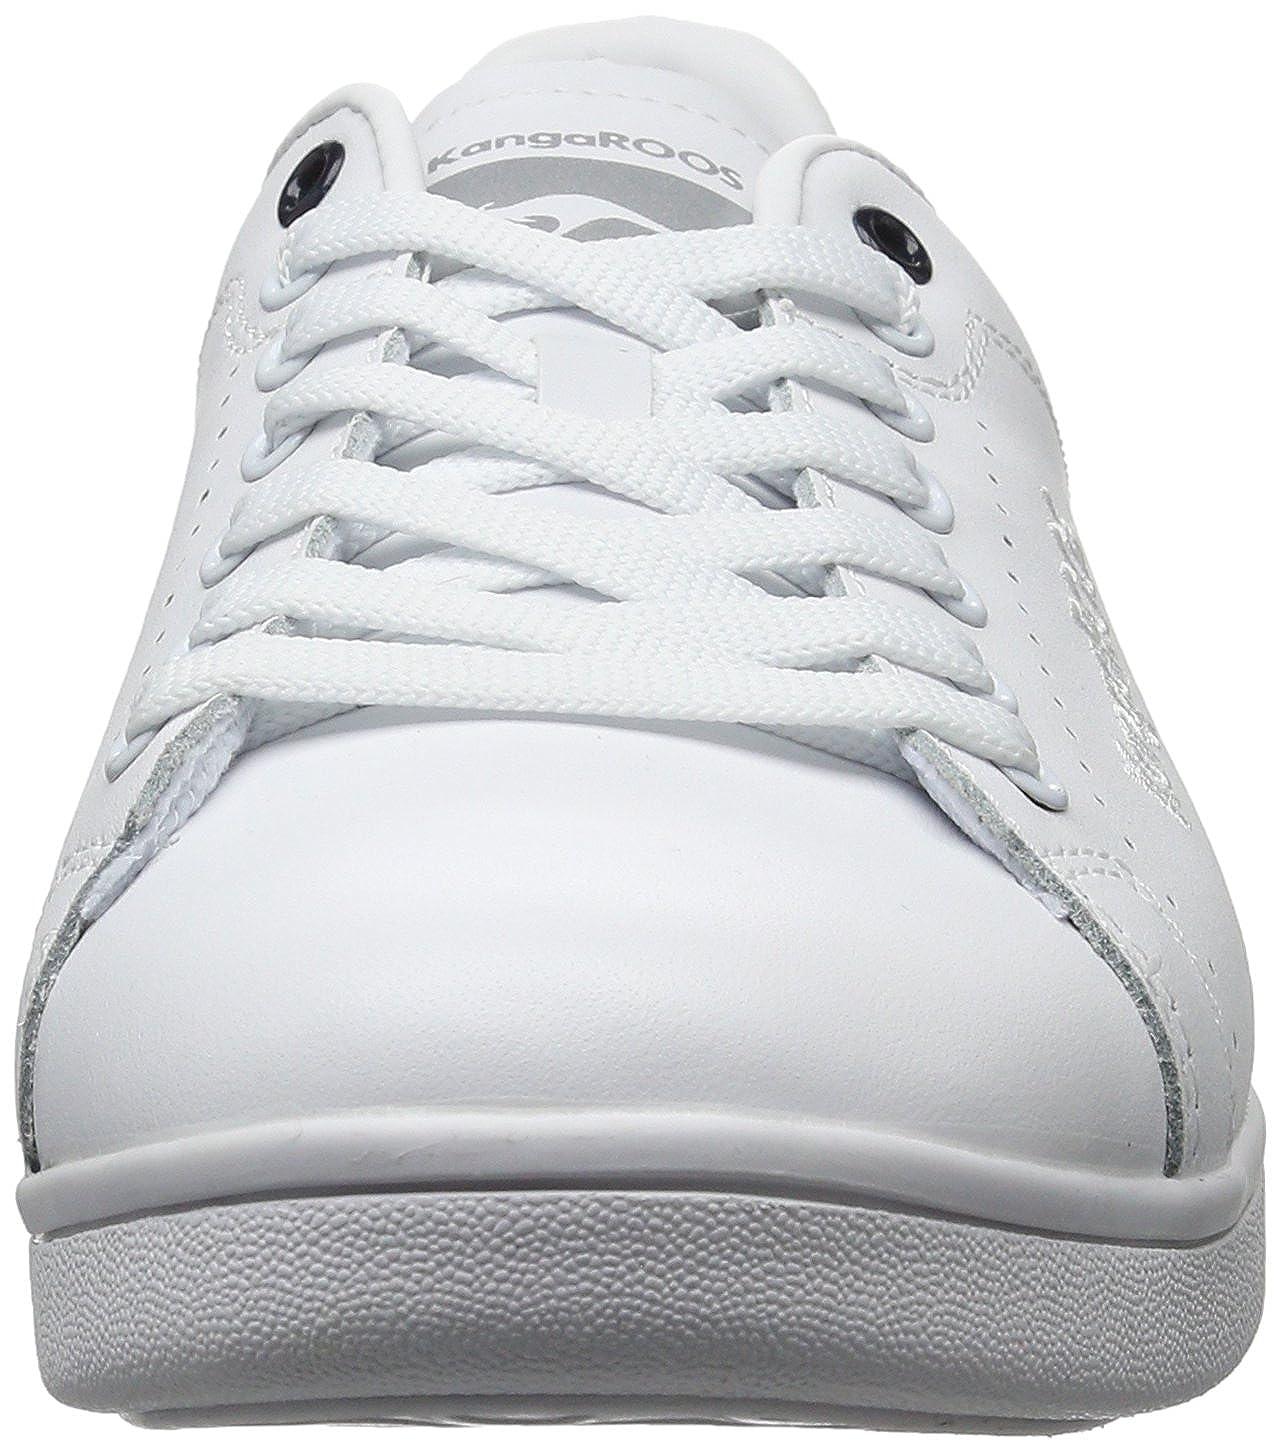 7673a Et Sacs Baskets Basses Homme Kangaroos X Fg K Class Chaussures hxrtdCsQB